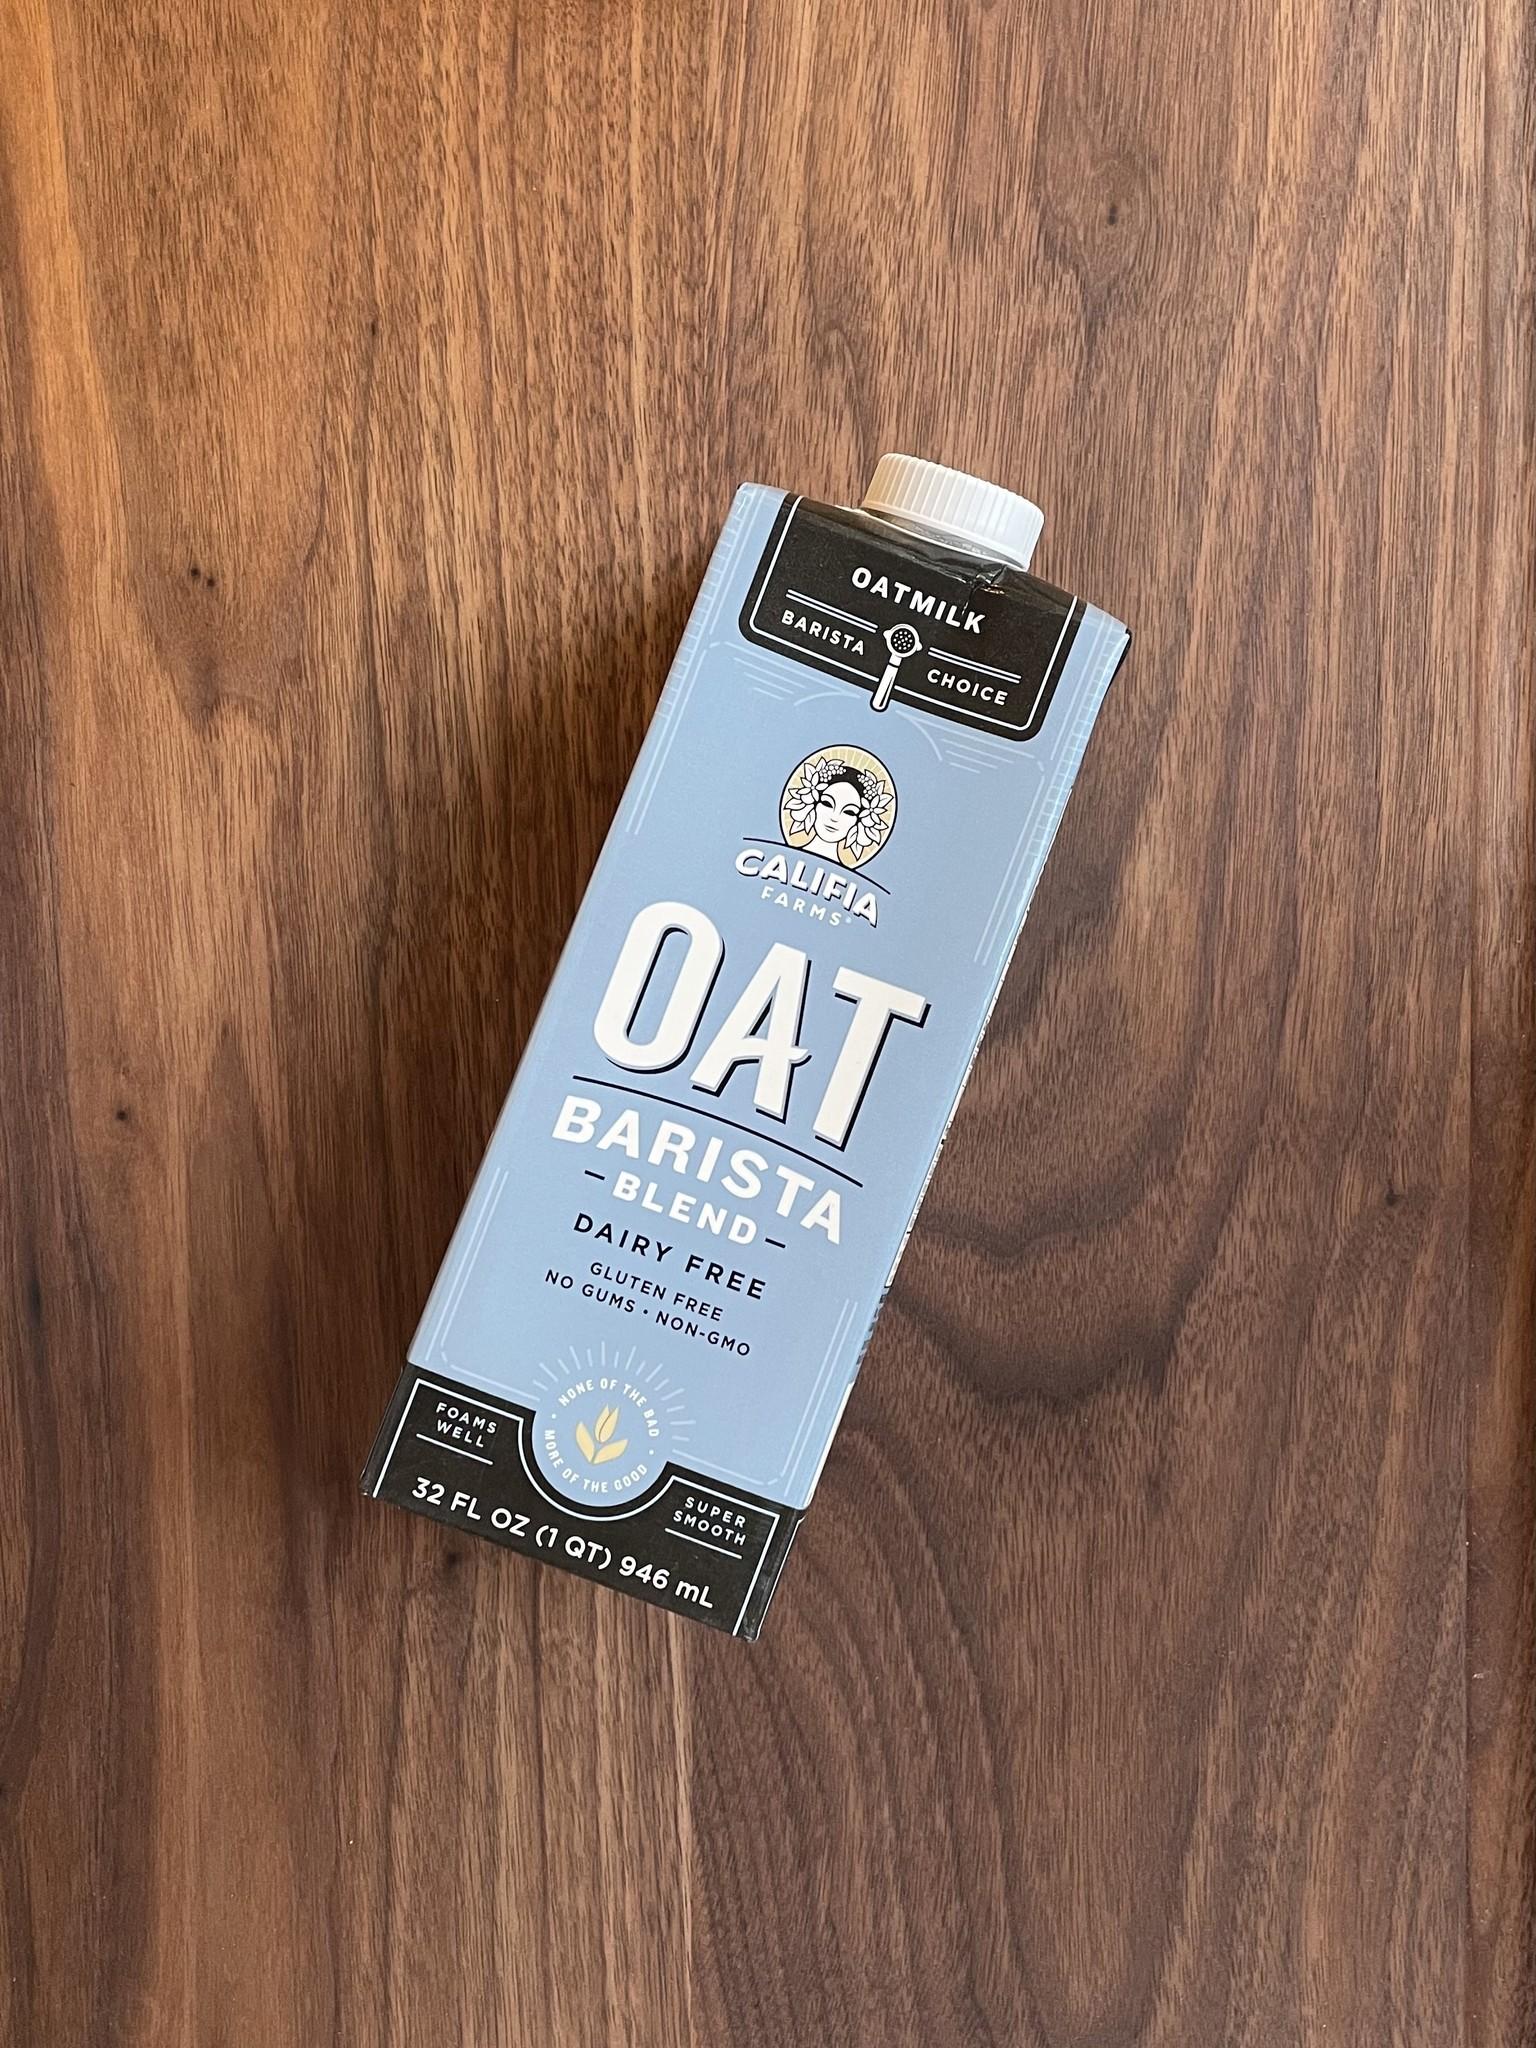 Califia Barista Blend Oat Milk, 32 oz.-1